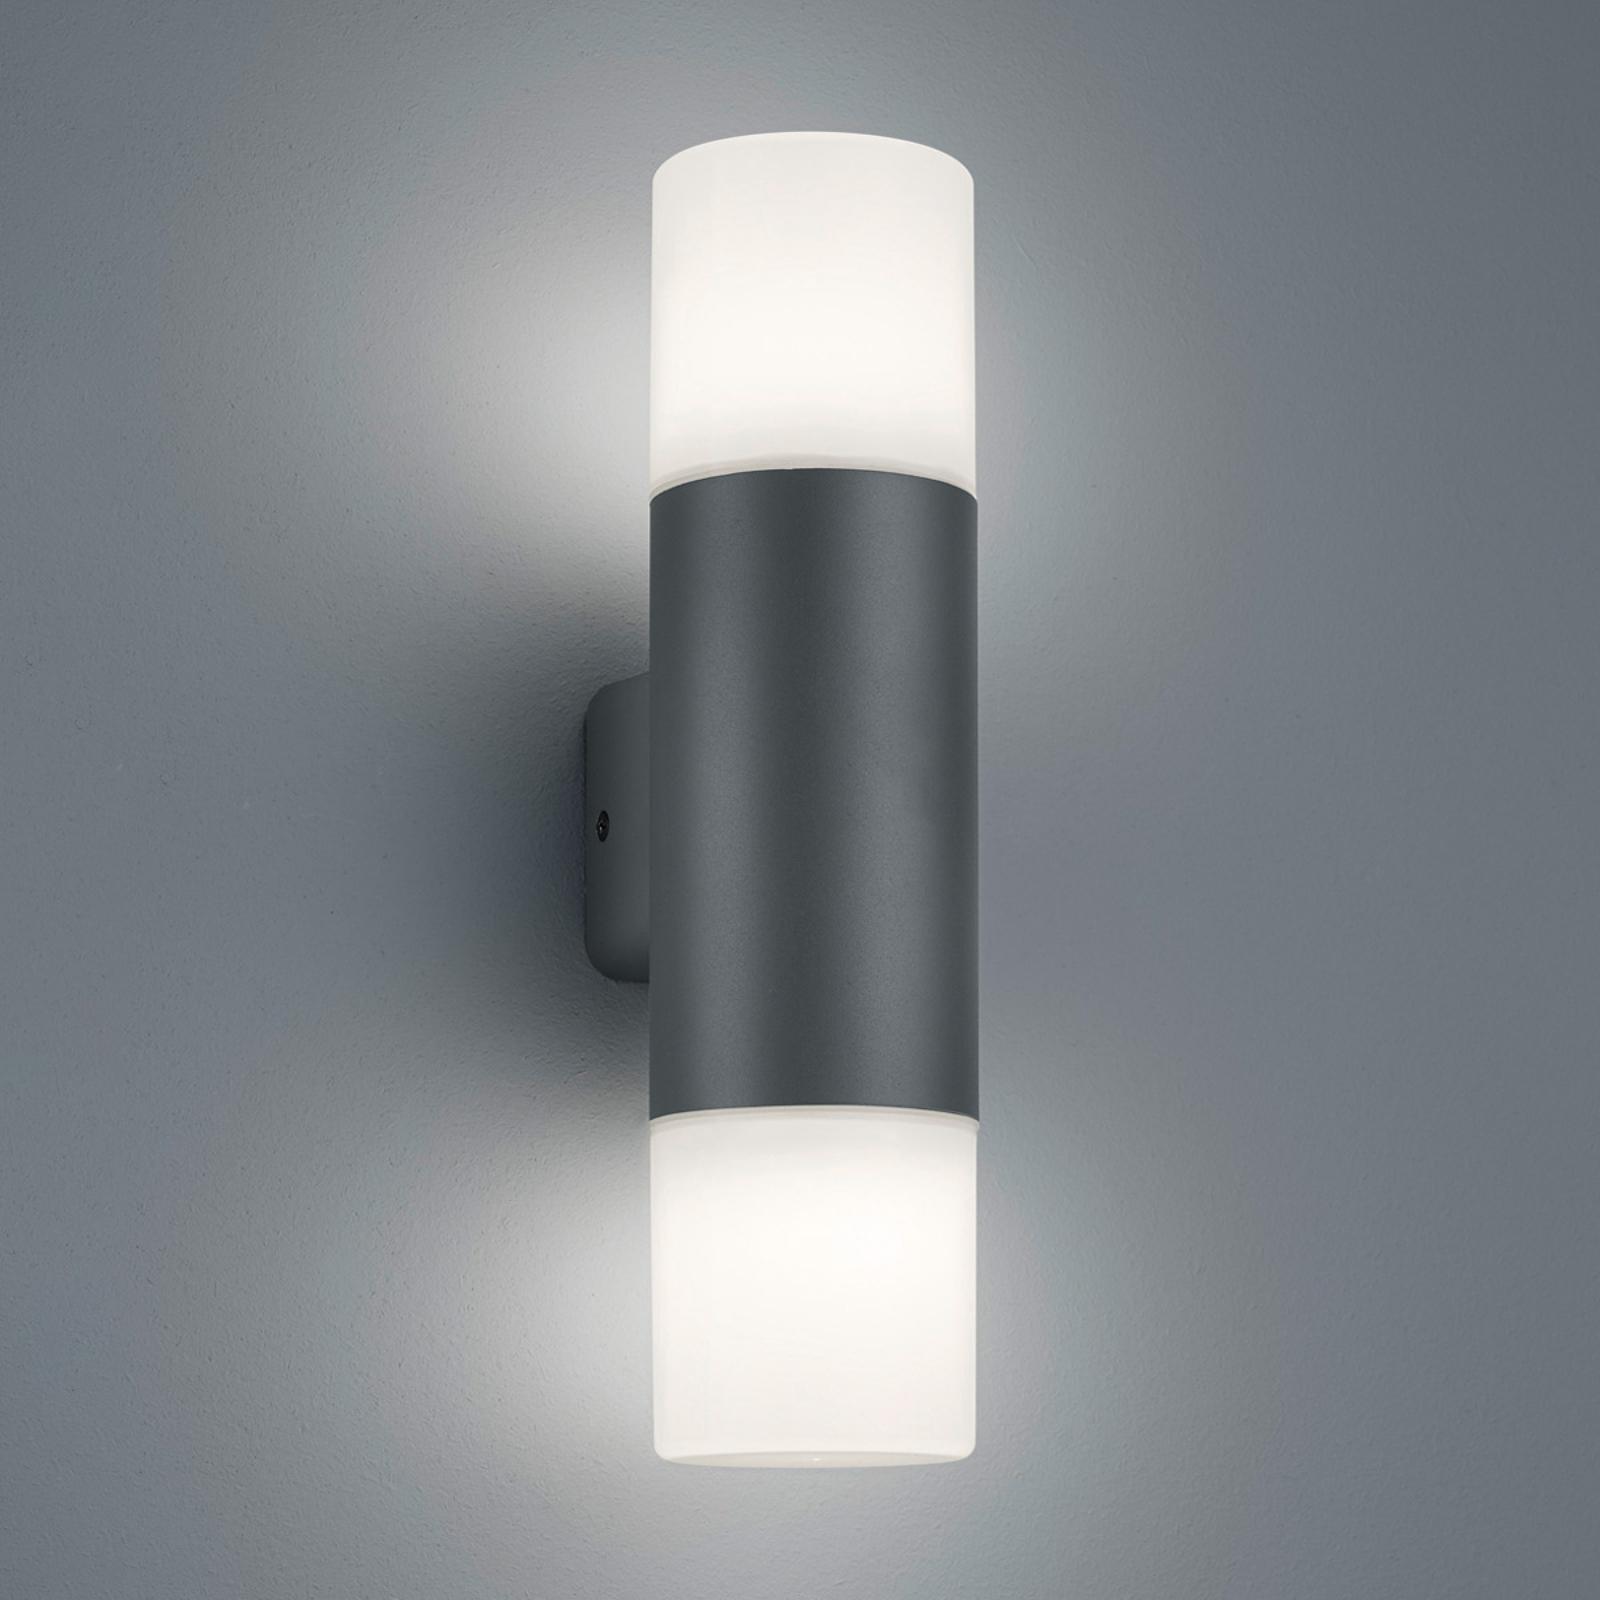 Hoosic udendørs væglampe, 2 lyskilder, antracit